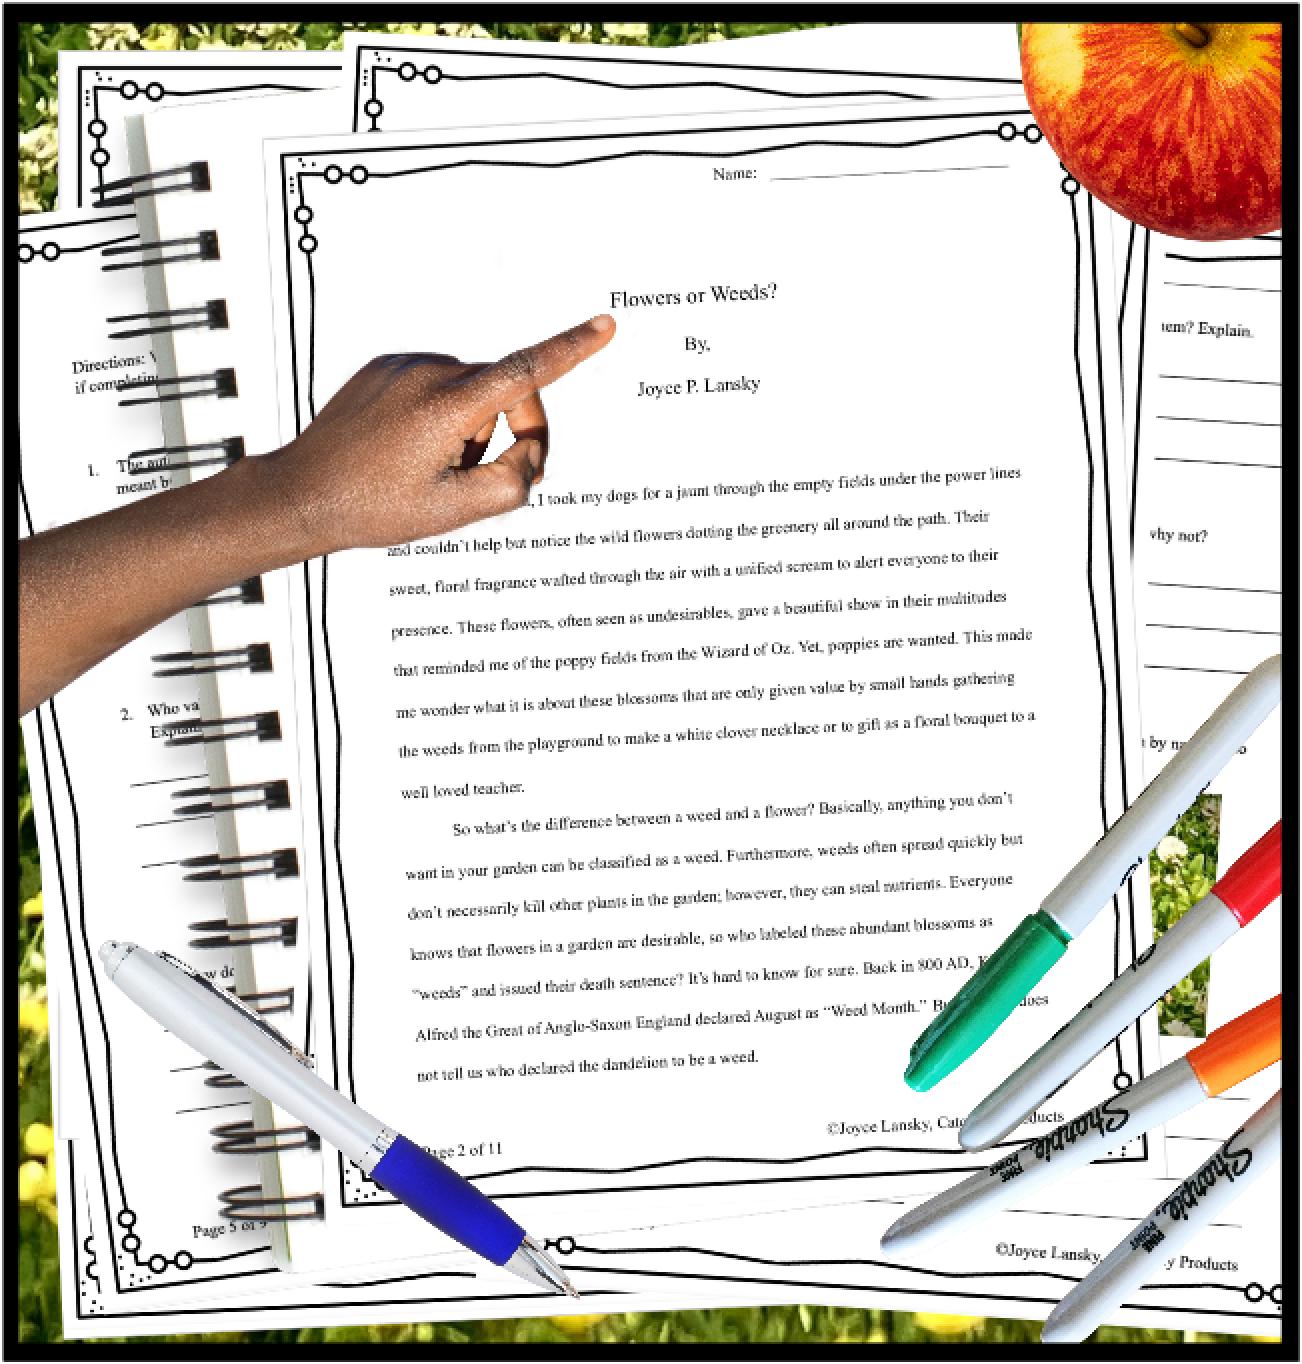 Teachers click to get free resource for secondary school students with core standard curriculum instruction for kids. #teachersfollowteachers #iteachhighschool #TEACHers